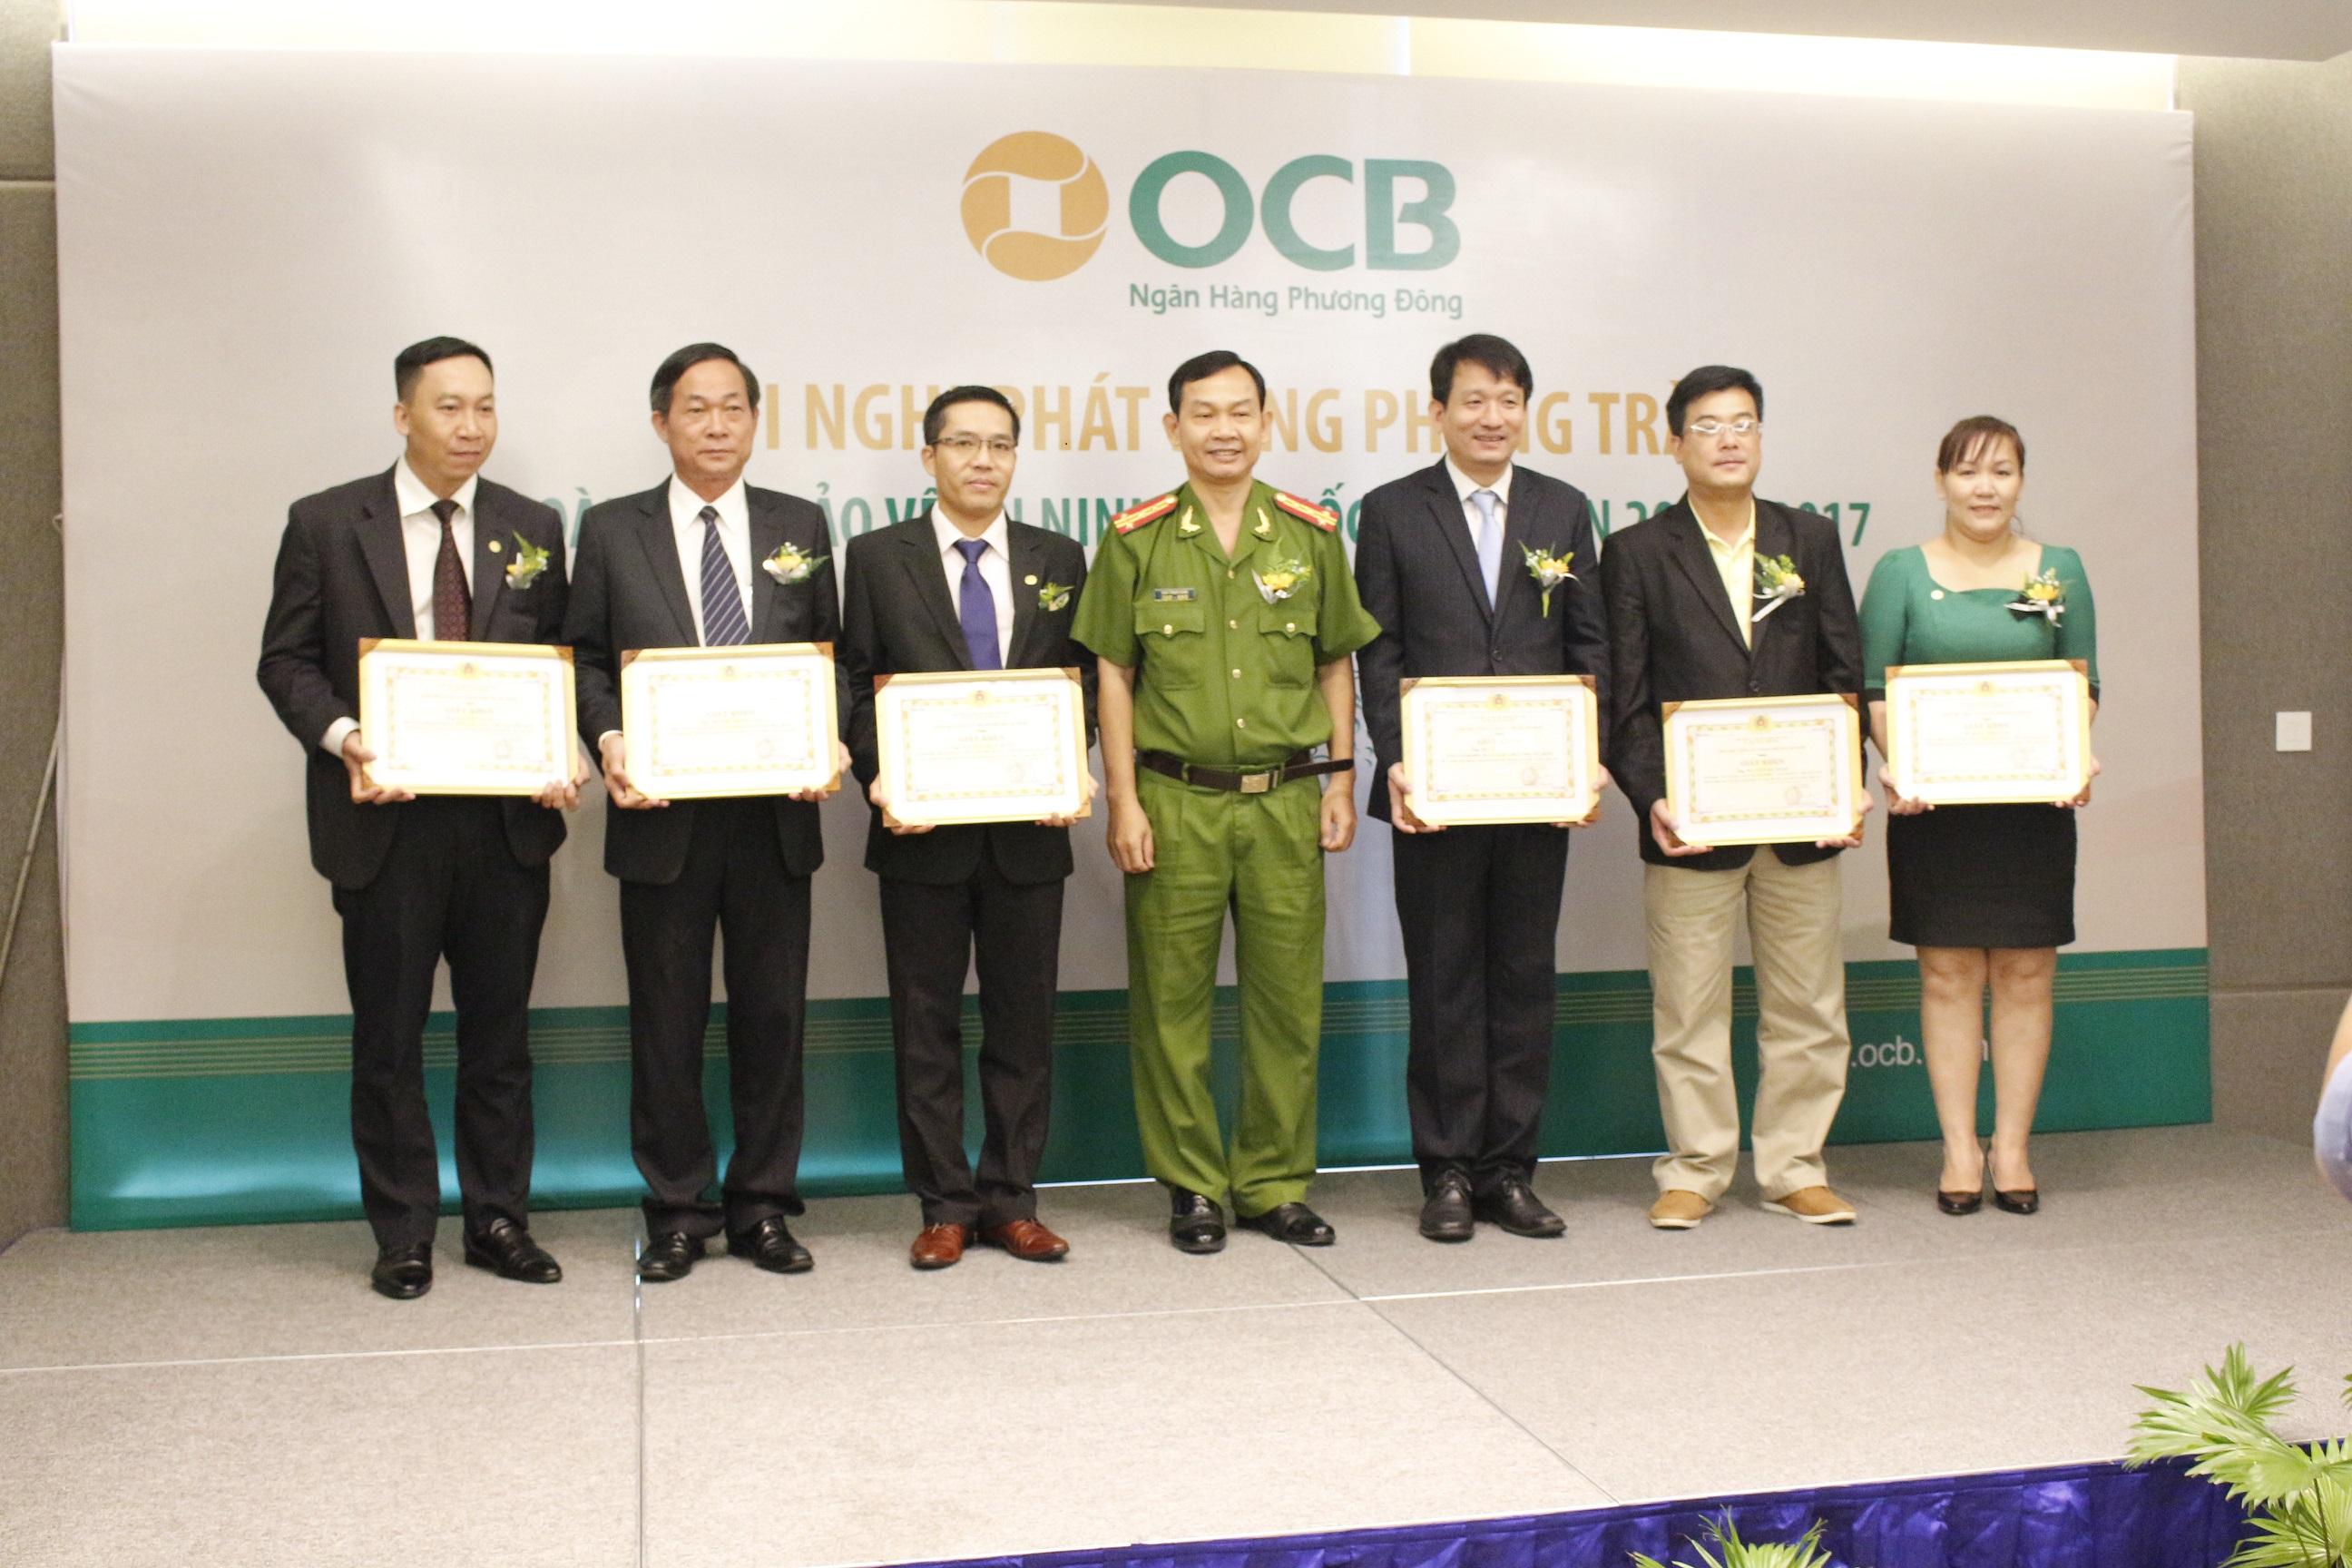 Ngân hàng Phương Đông nhận bằng khen về hoạt động phong trào toàn dân bảo vệ an ninh Tồ quốc